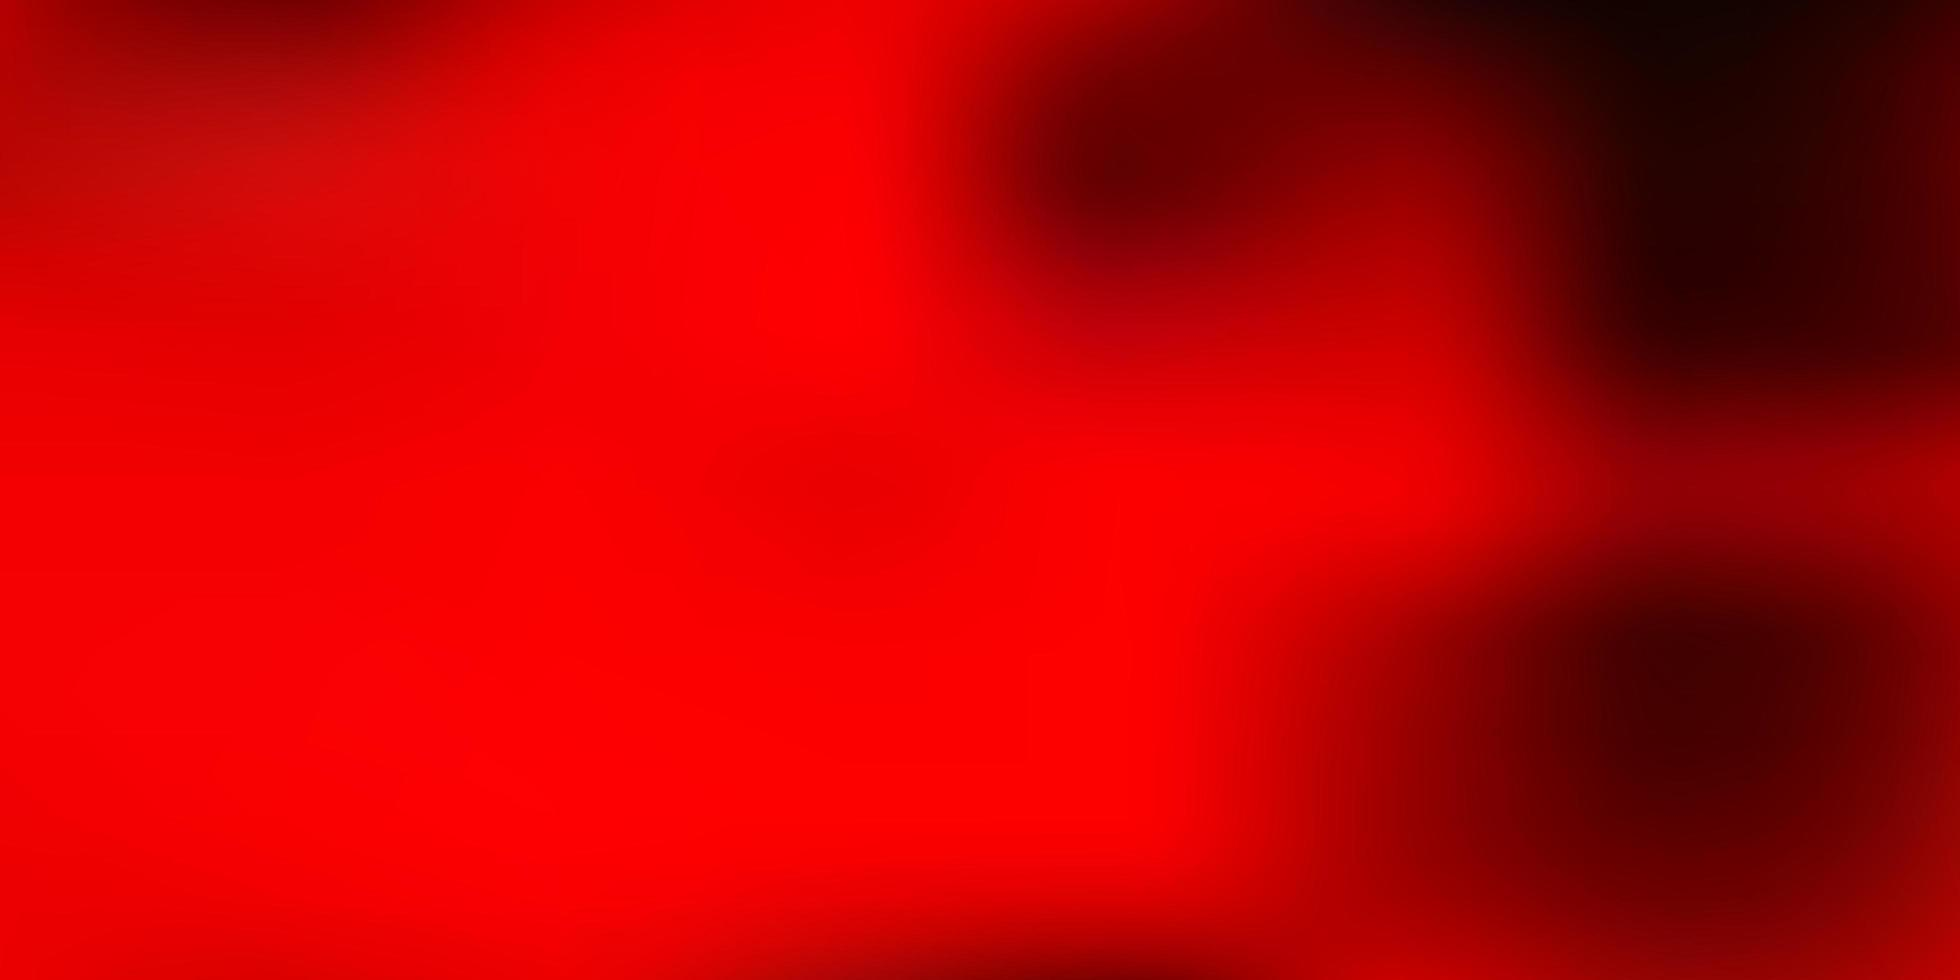 desenho de borrão de gradiente de vetor vermelho escuro.